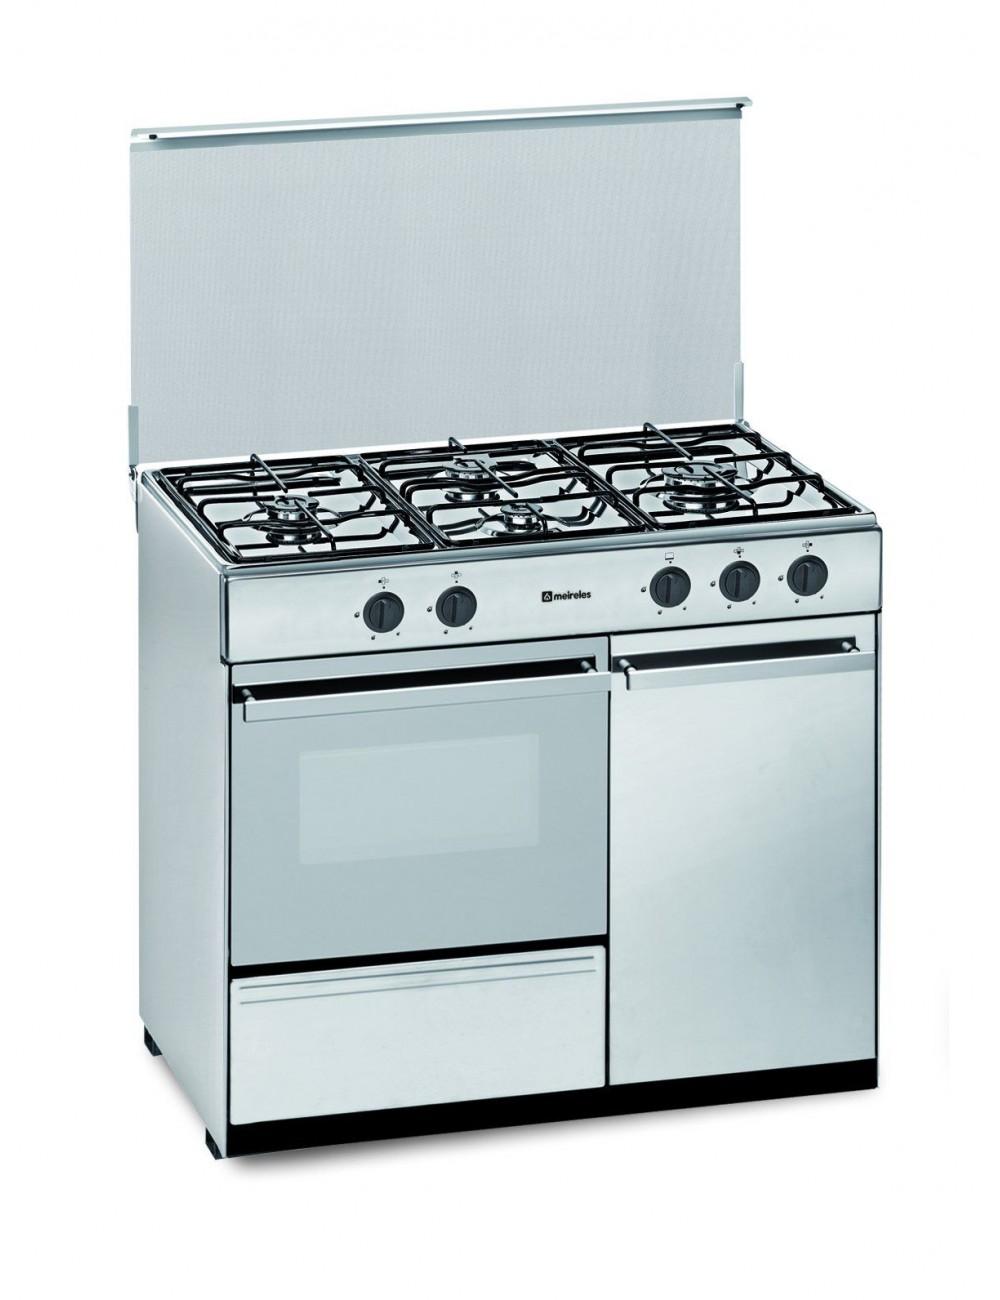 Meireles cocina a gas G2940VX Inoxidable